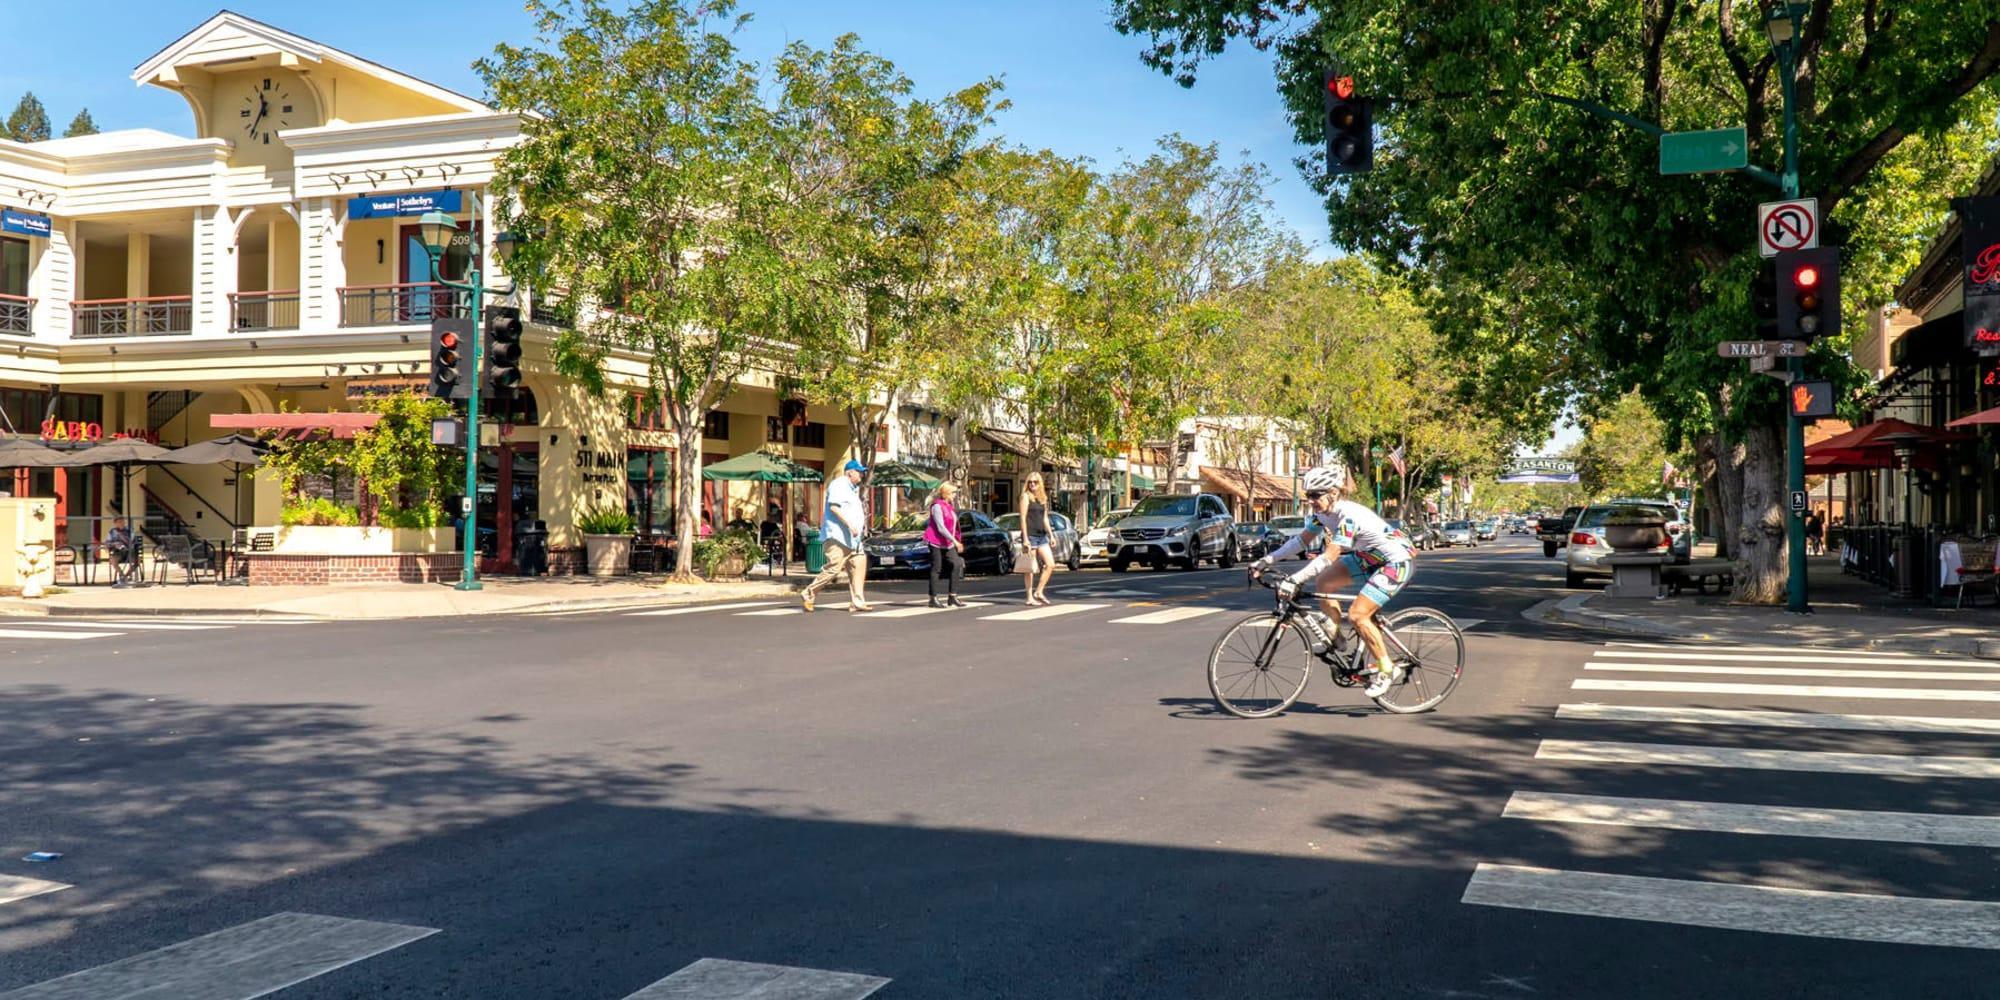 Resident biking to work through downtown Pleasanton, California, near Pleasanton Heights apartments